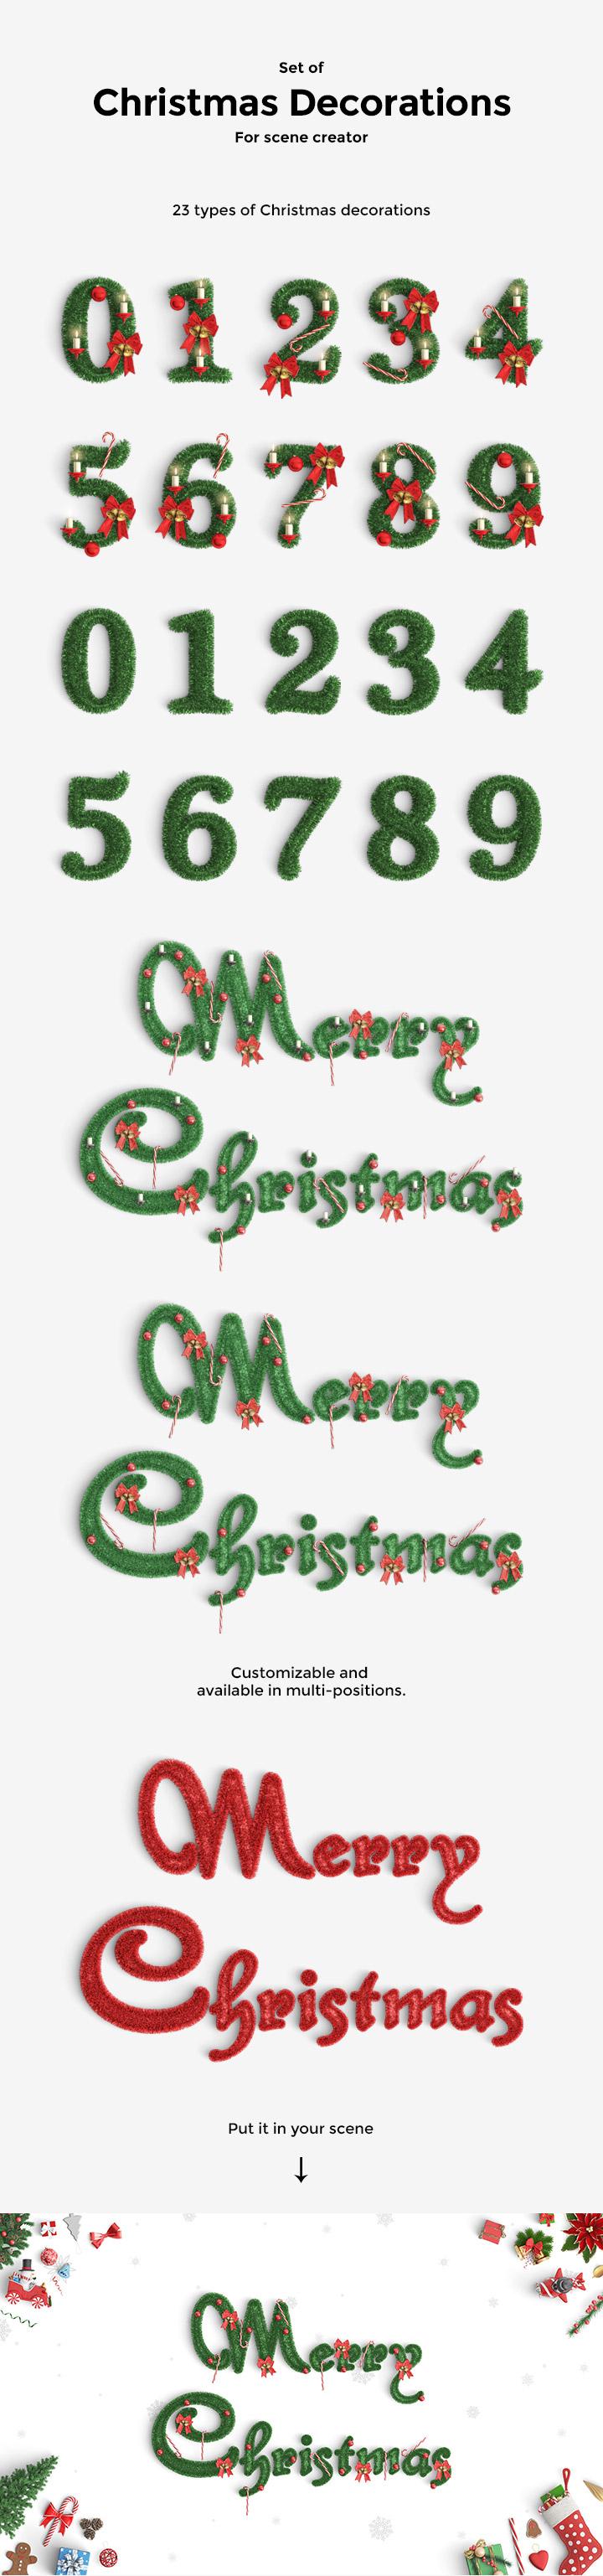 圣诞节必备的数字与字母风格字体下载[PSD]